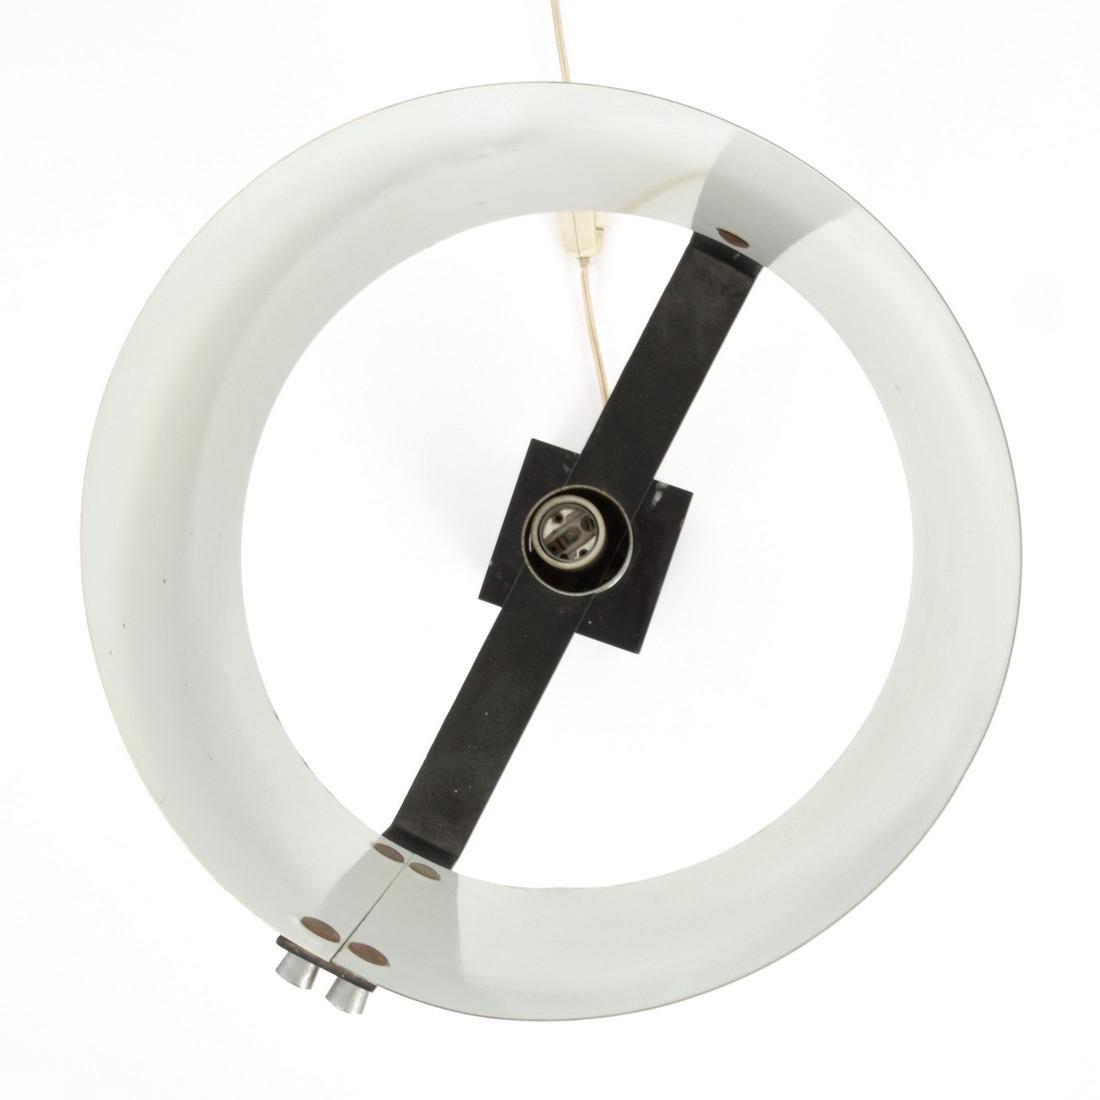 Chrome Table Lamp, Manner of Cini Boeri - 5